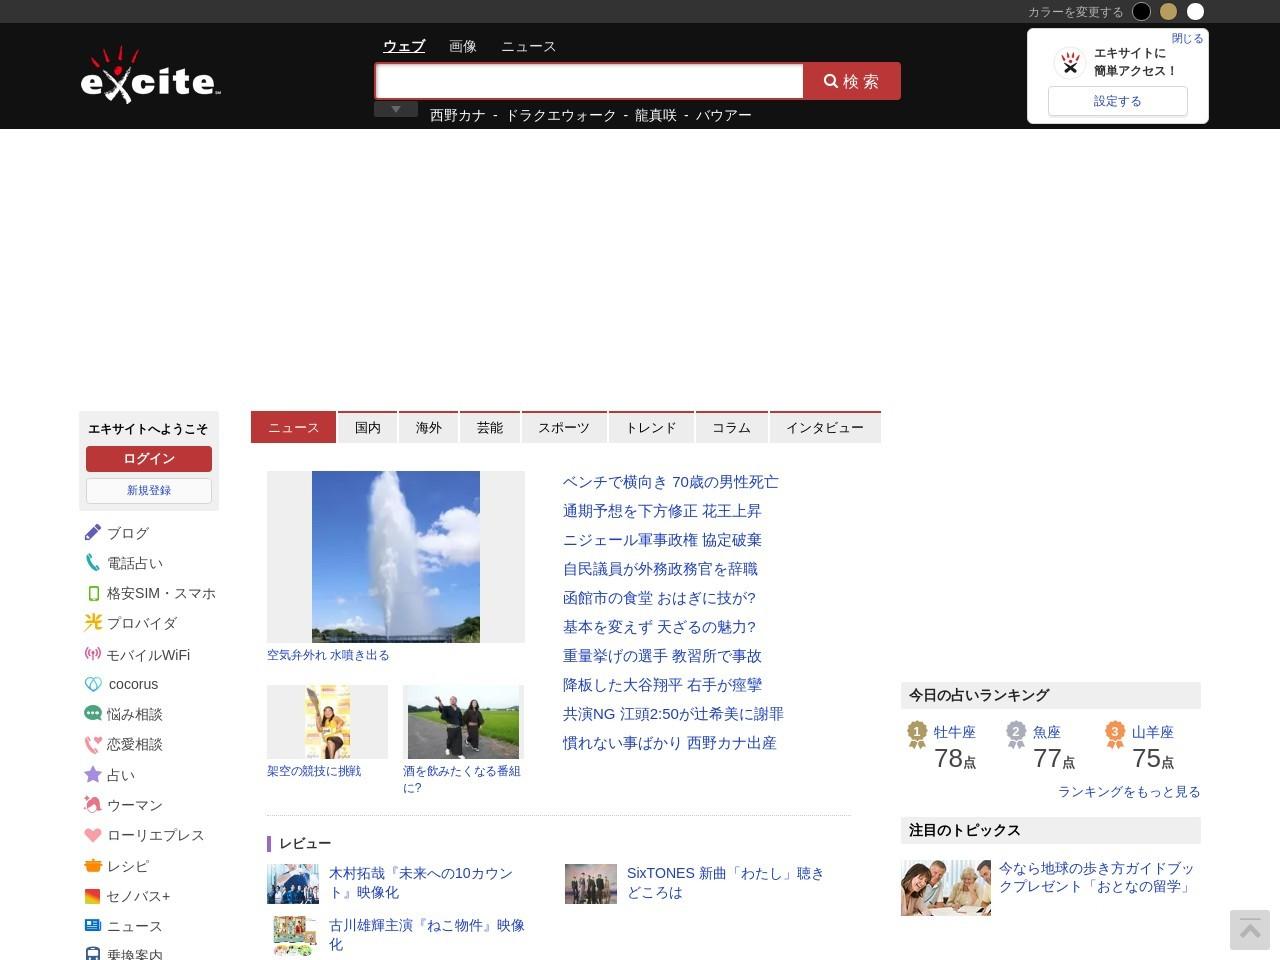 中国ファンタジーアニメ映画「??」が空前の大ヒット!歴代興行収入ランキングでトップ10入り